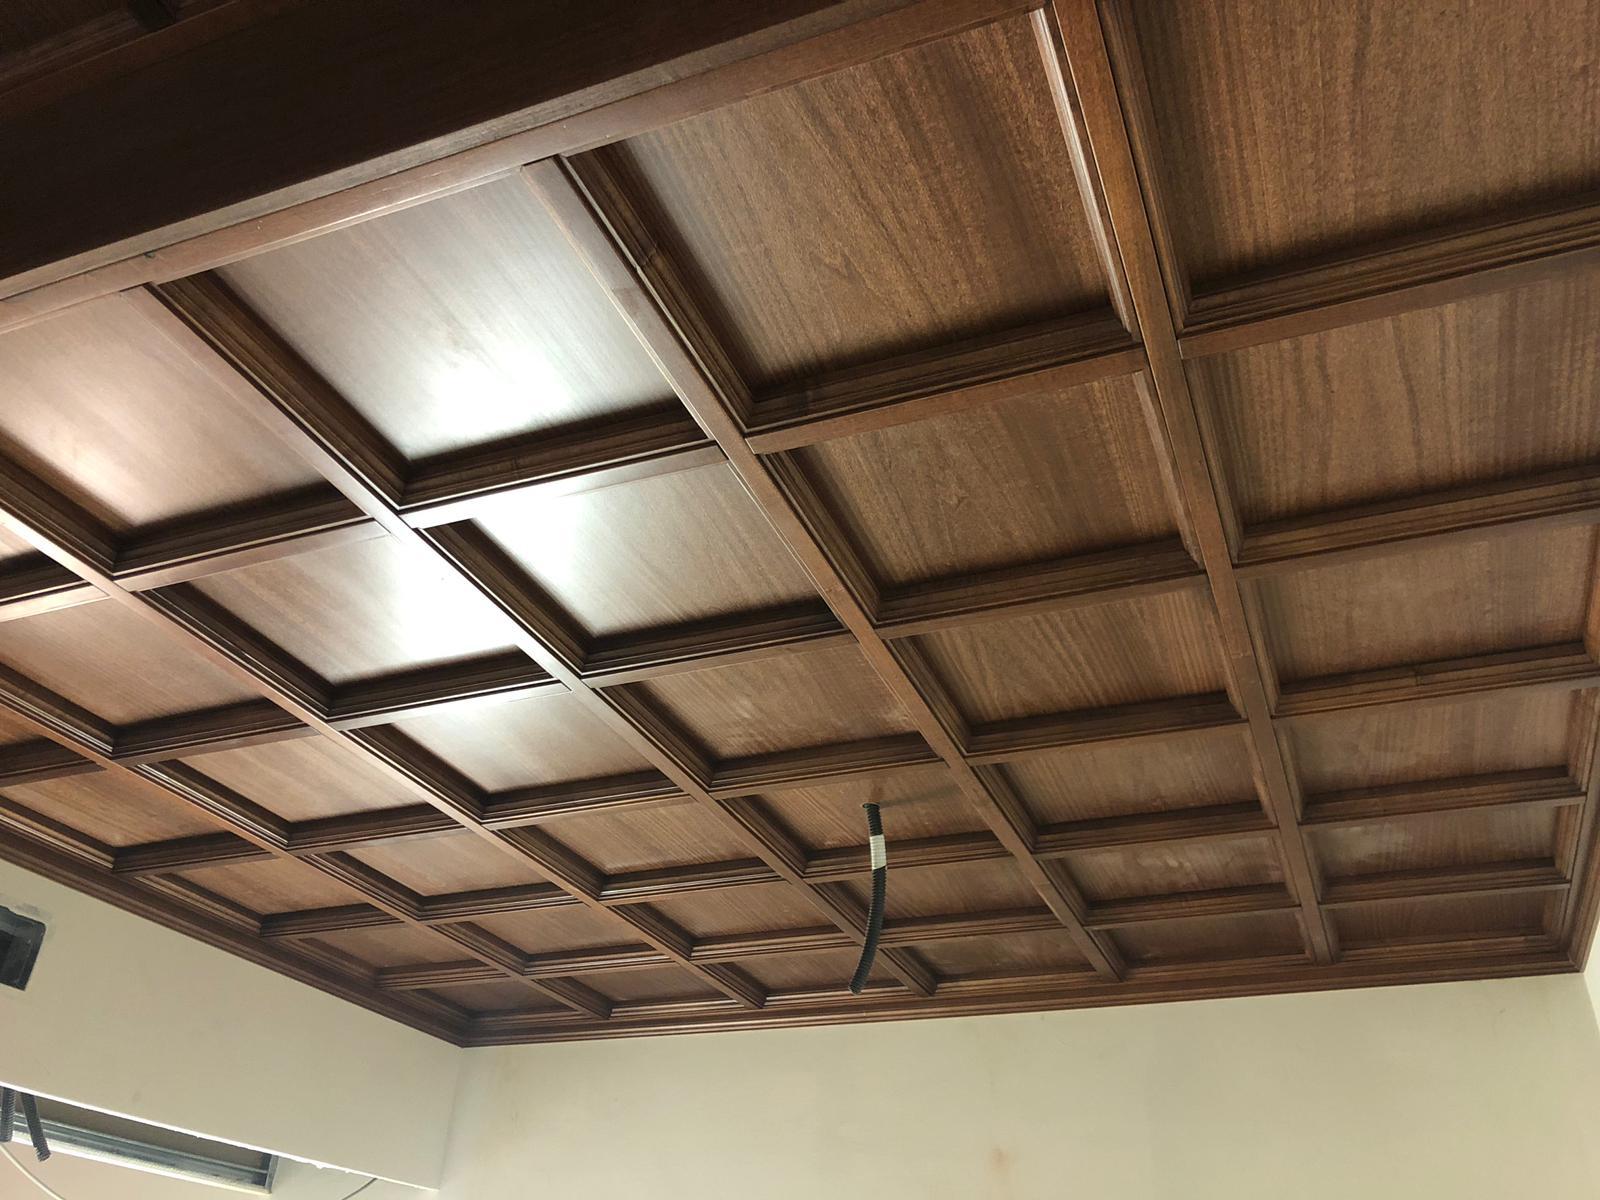 soffitti in legno a casssettoni ESCAPE='HTML'